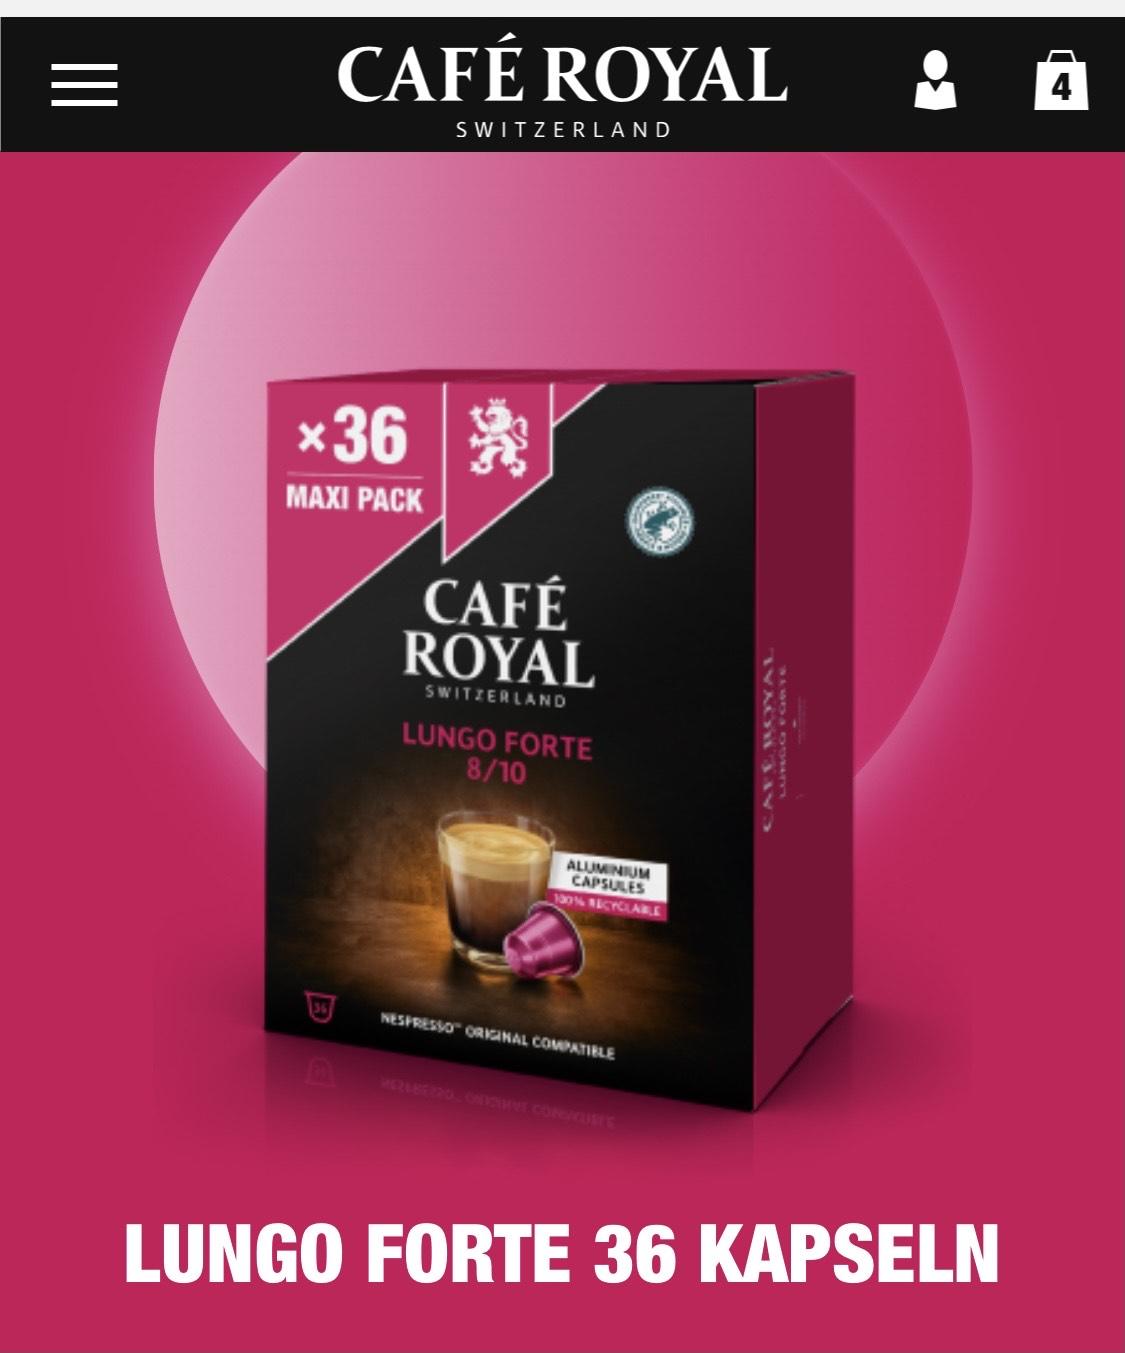 [Café Royal] Nespresso Kaffee Kapseln - Big Pack (36 / 100 Kapseln) 20% Rabatt, 8€ Gutschein ab 40€ MBW. 10 Kapseln geschenkt.